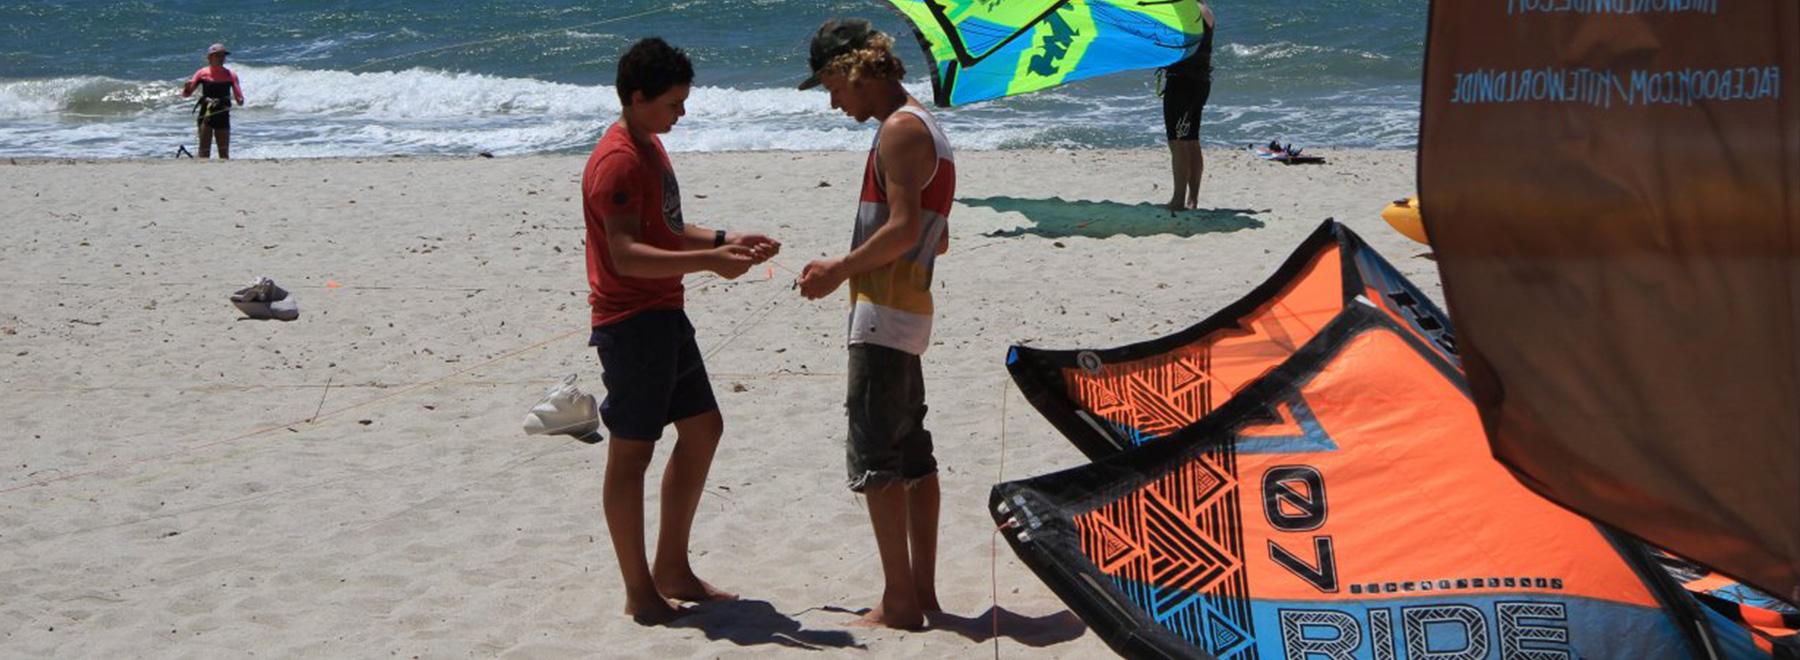 Kitesurfen lernen in Griechenland auf Kos